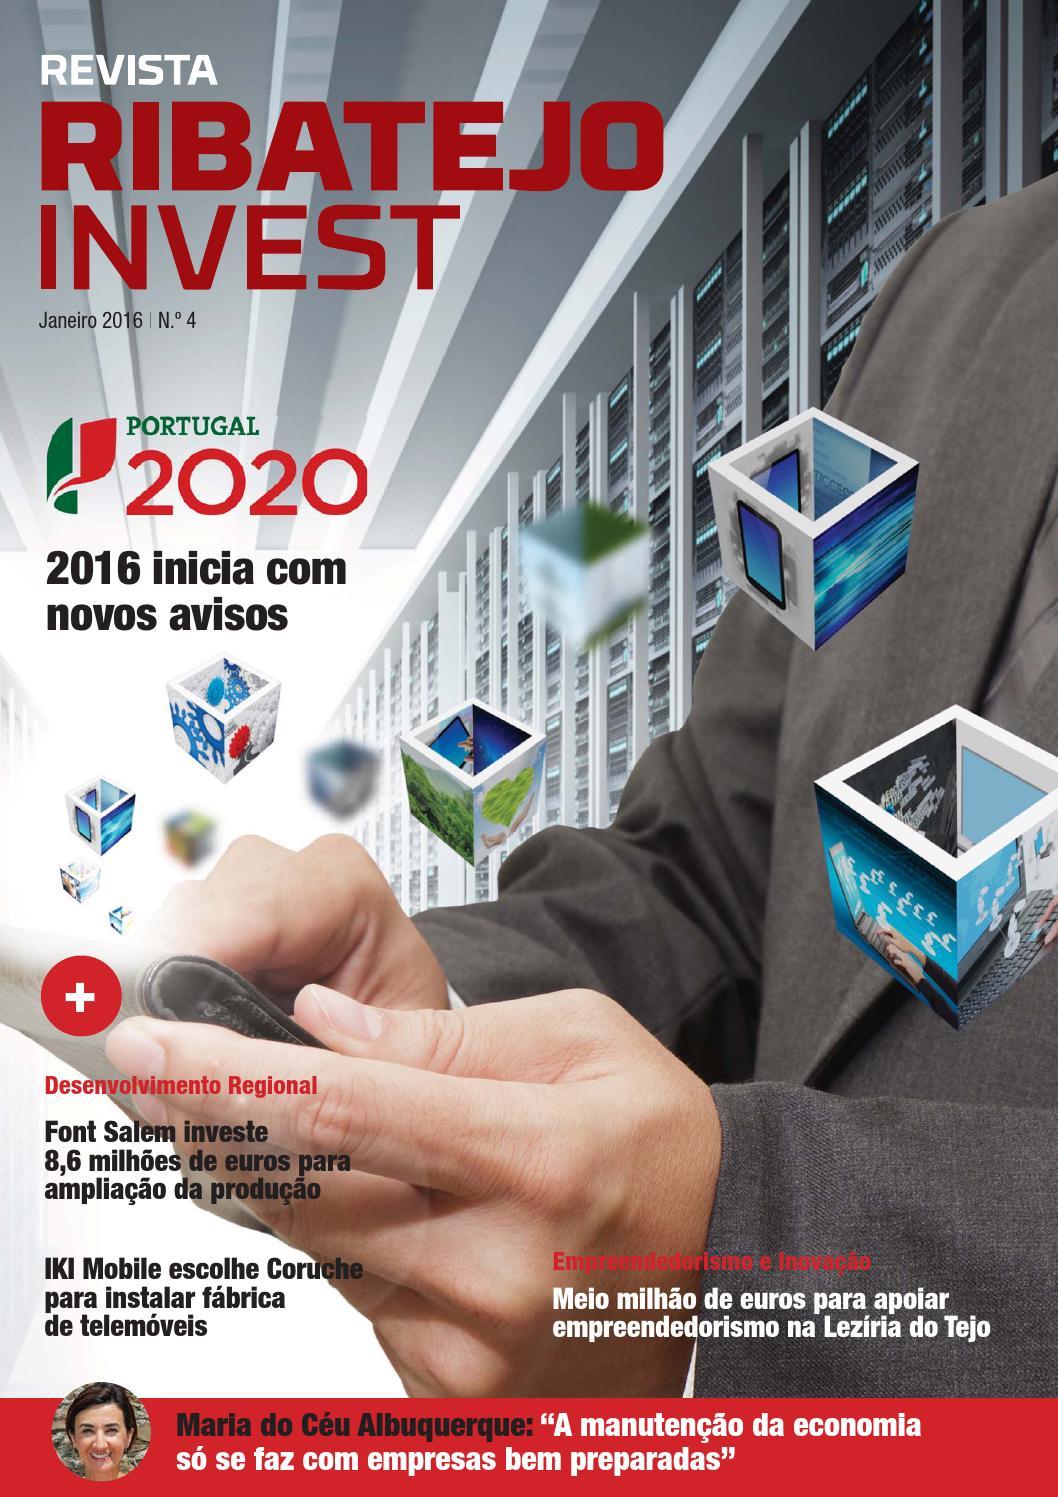 Revista Ribatejo Invest   janeiro 2016 by NERSANT Associação Empresarial -  issuu 75f1203c021